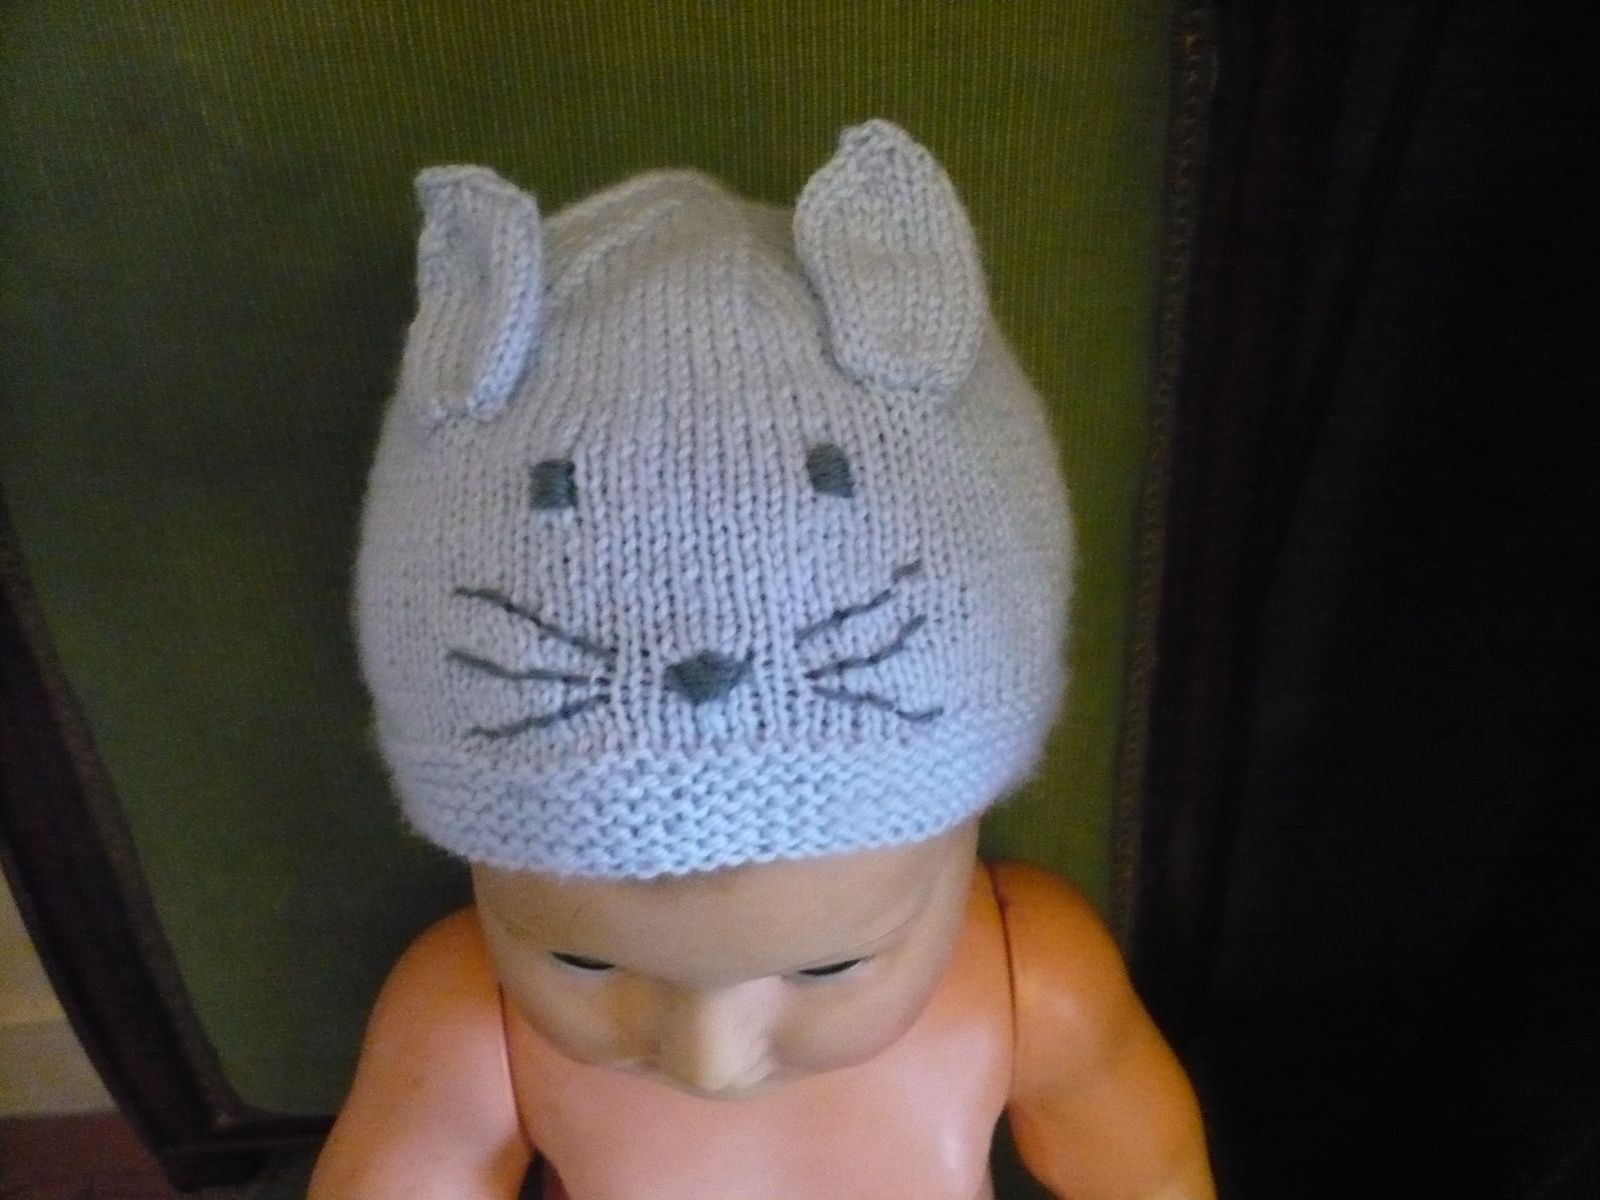 b81e8421f37 tricoter un petit bonnet taille naissance   un tutoriel du montage à ...